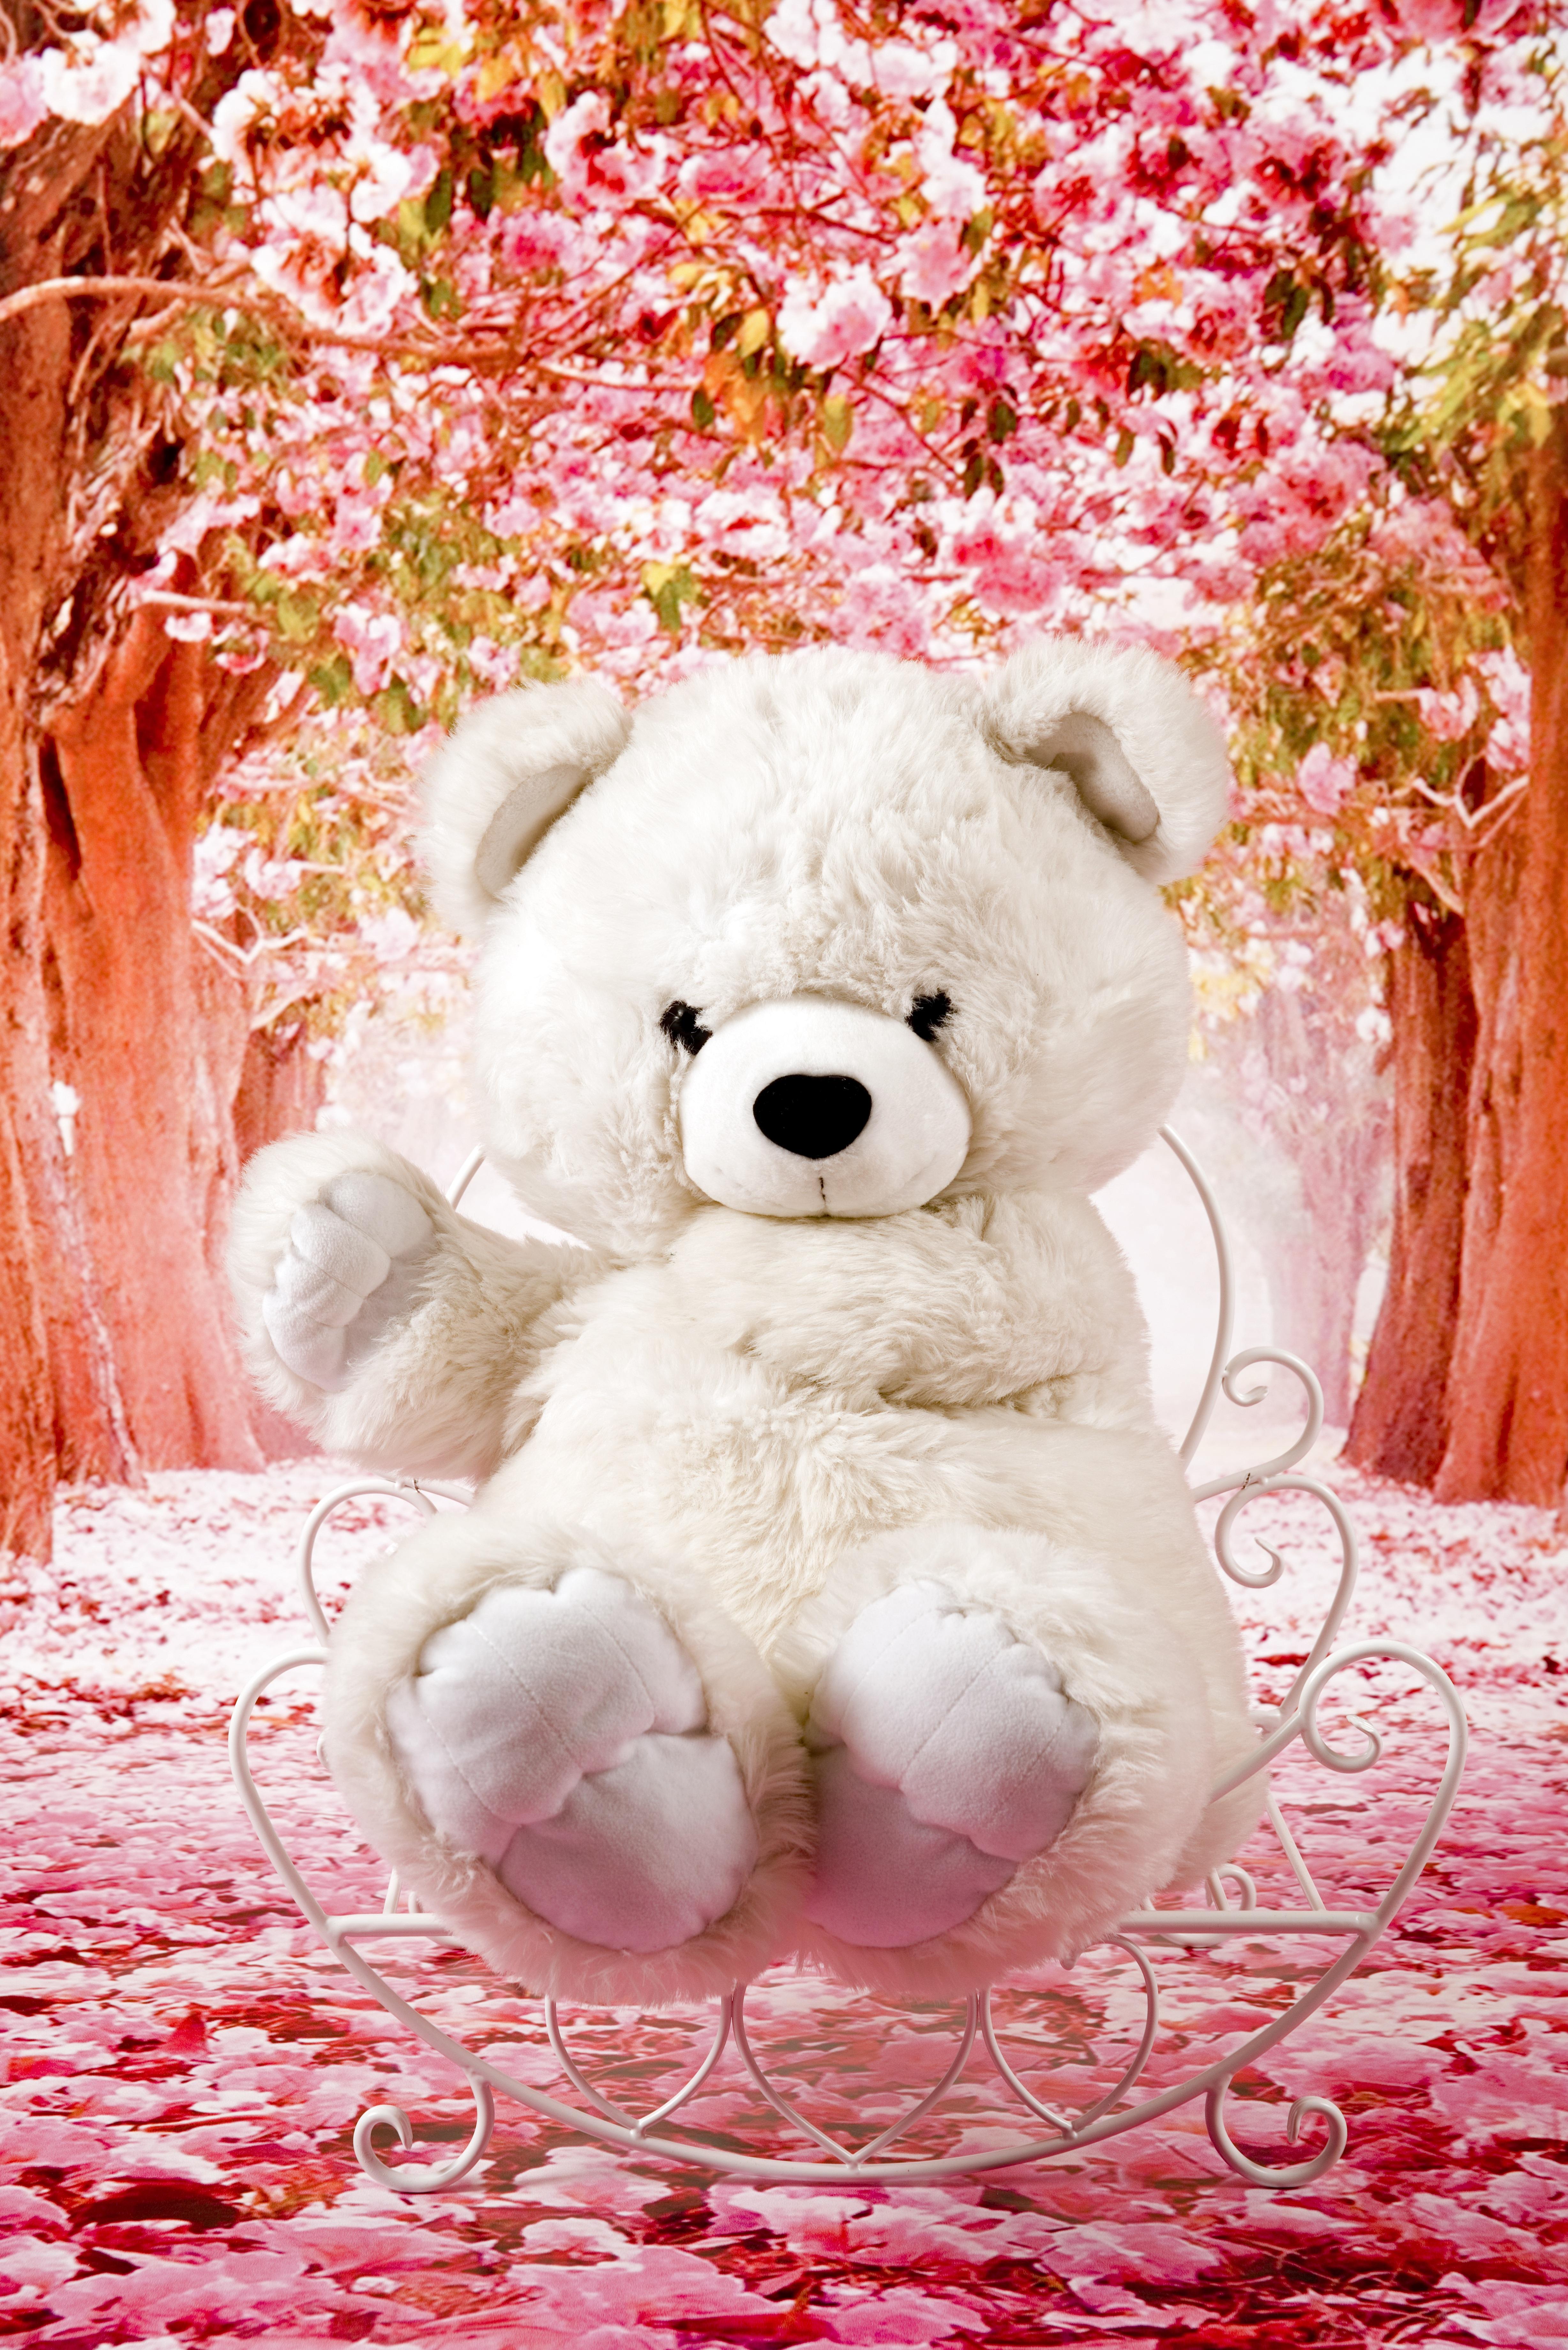 Картинки с плюшевым медвежонком красивые, выбора картинки